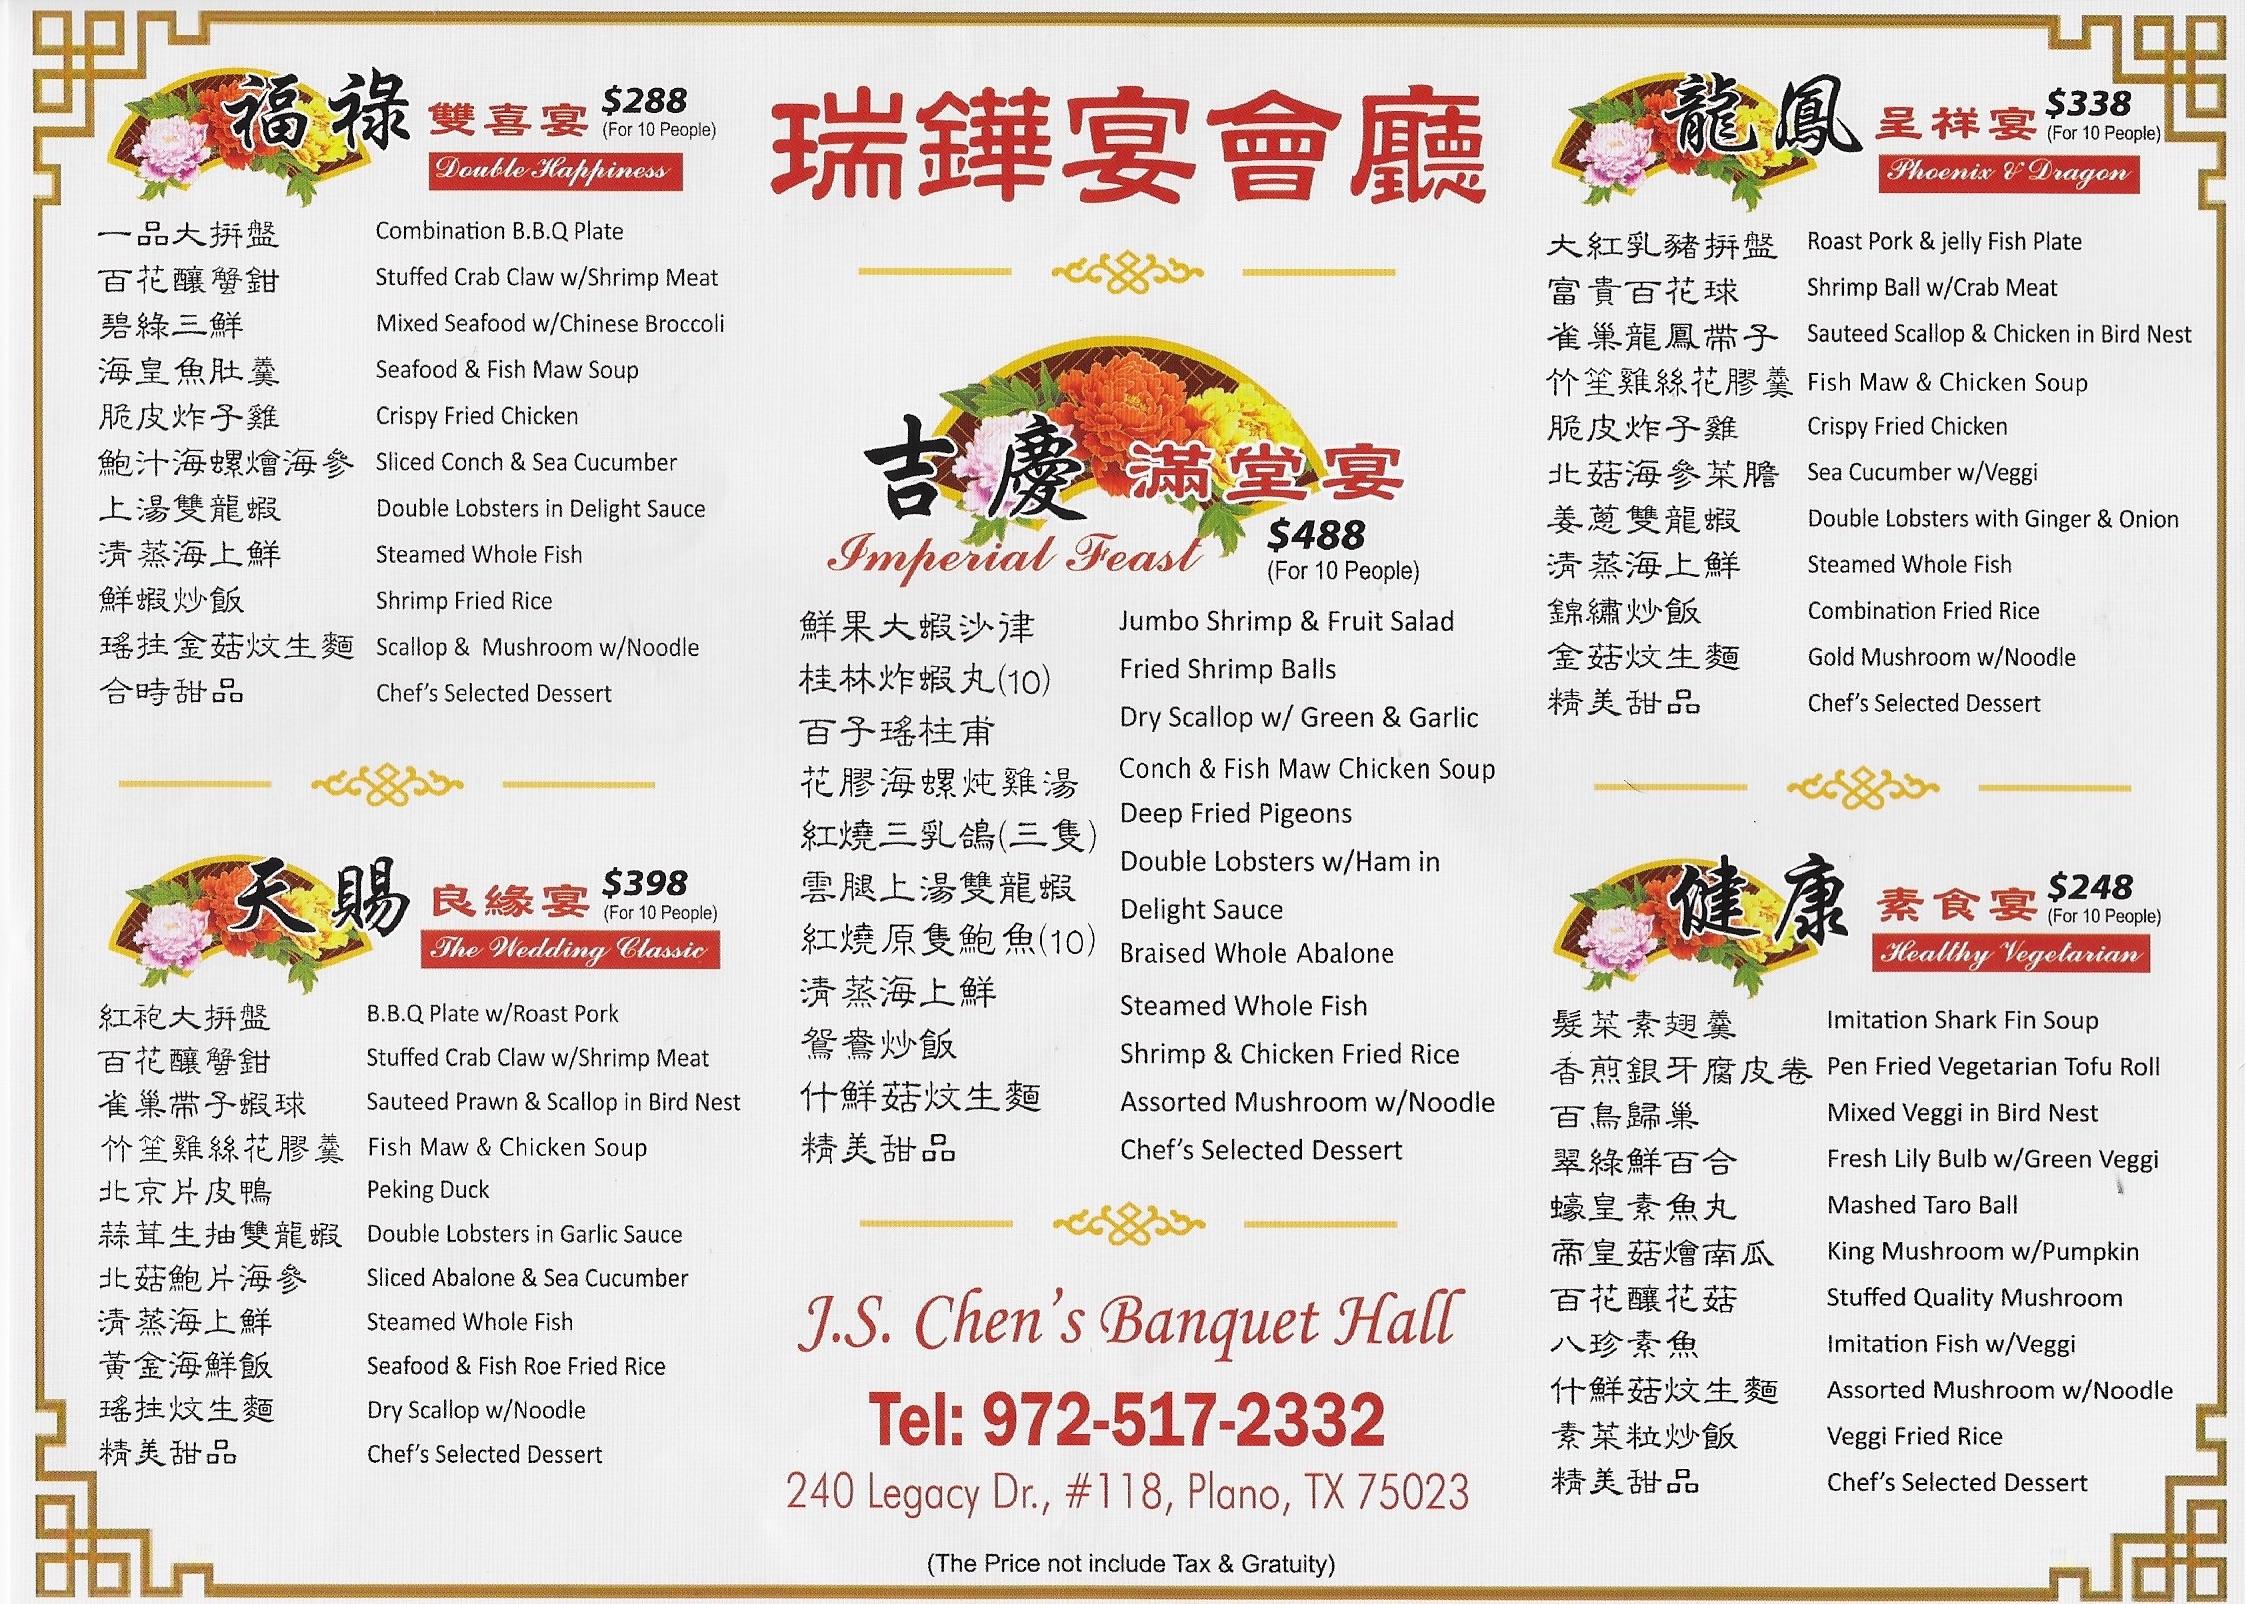 Chinese Restaurants TX | Hong Kong Style Chinese Food Dallas